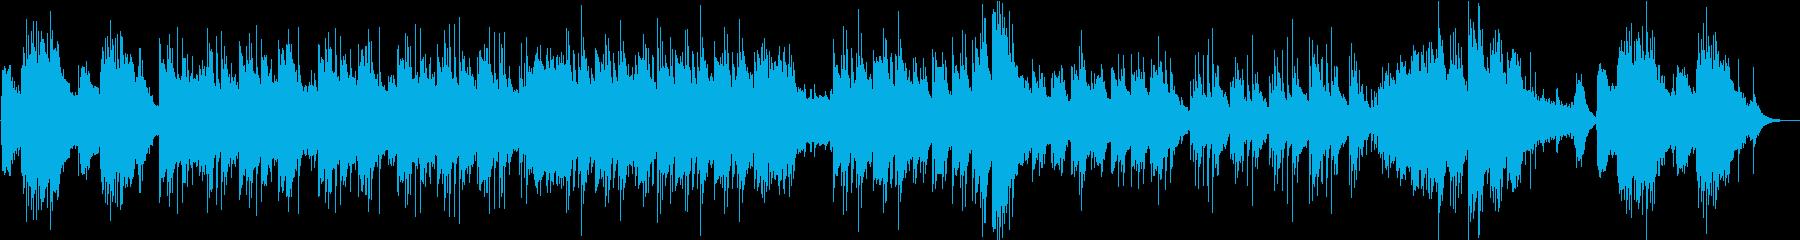 シンプルで儚いチャーミングなインストの再生済みの波形